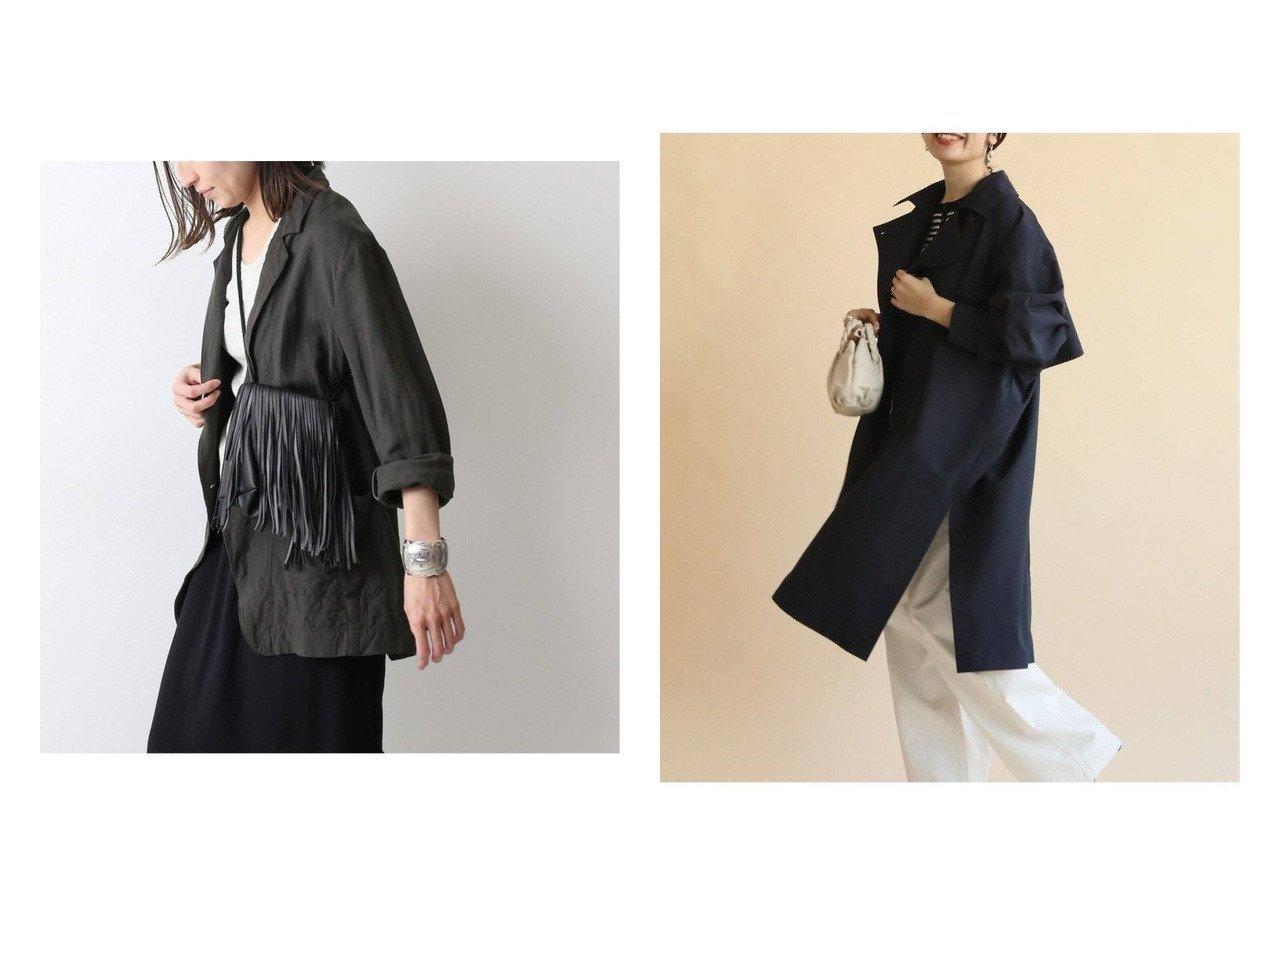 【IENA/イエナ】のPEポプリンオーバートレンチコート&【FRAMeWORK/フレームワーク】のONE WASH リネンシャツジャケット 【アウター】おすすめ!人気、トレンド・レディースファッションの通販 おすすめで人気の流行・トレンド、ファッションの通販商品 インテリア・家具・メンズファッション・キッズファッション・レディースファッション・服の通販 founy(ファニー) https://founy.com/ ファッション Fashion レディースファッション WOMEN アウター Coat Outerwear コート Coats ジャケット Jackets トレンチコート Trench Coats テーラードジャケット Tailored Jackets インナー 春 Spring ジャケット スウェット 2021年 2021 S/S・春夏 SS・Spring/Summer 2021春夏・S/S SS/Spring/Summer/2021 おすすめ Recommend |ID:crp329100000042660